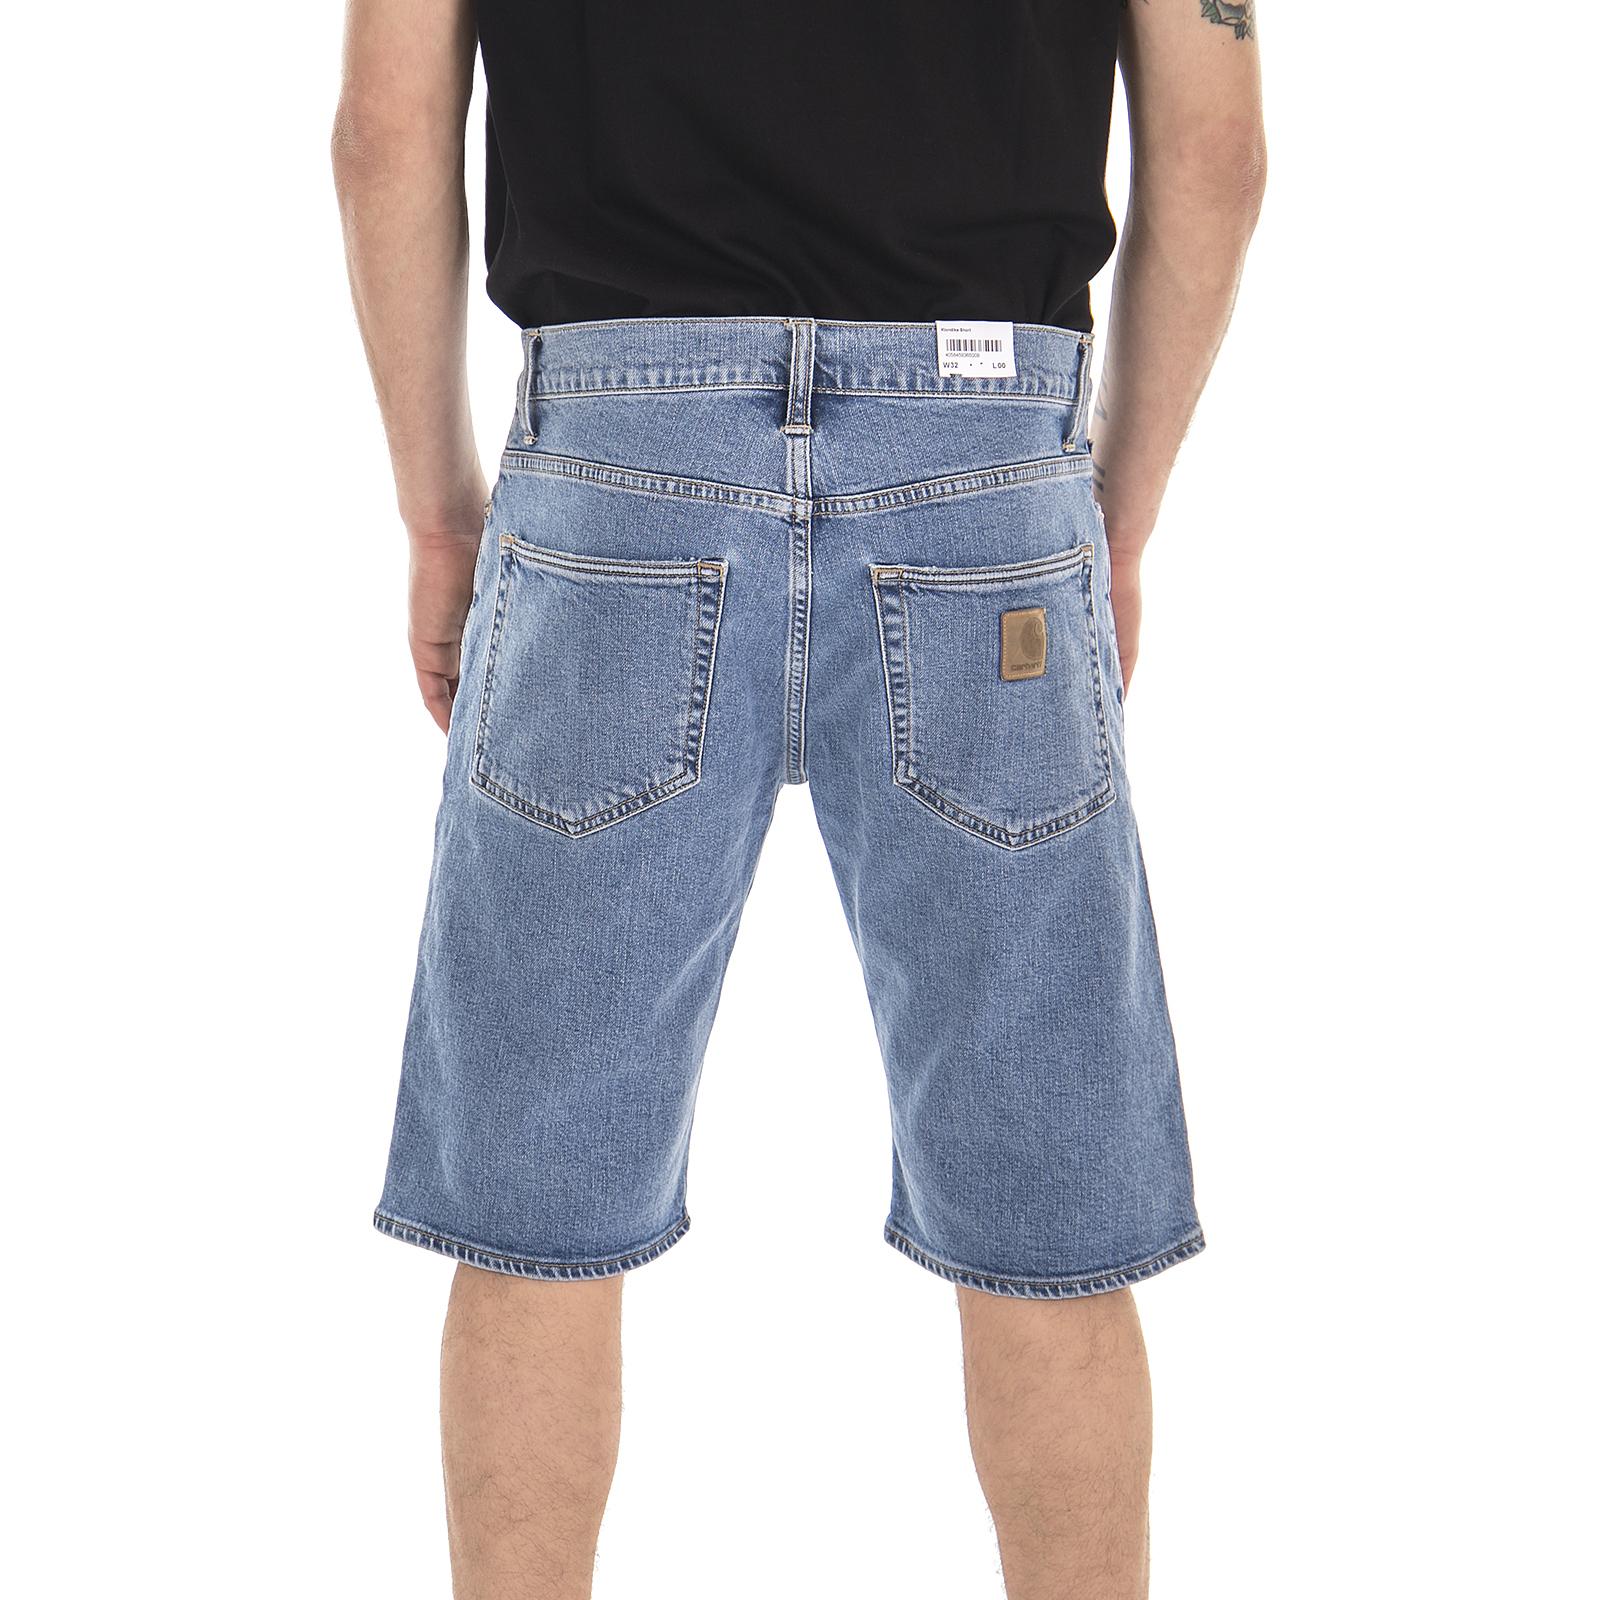 Carhartt Shorts Klondike Short blu blu blu Stoneb blu c5823f